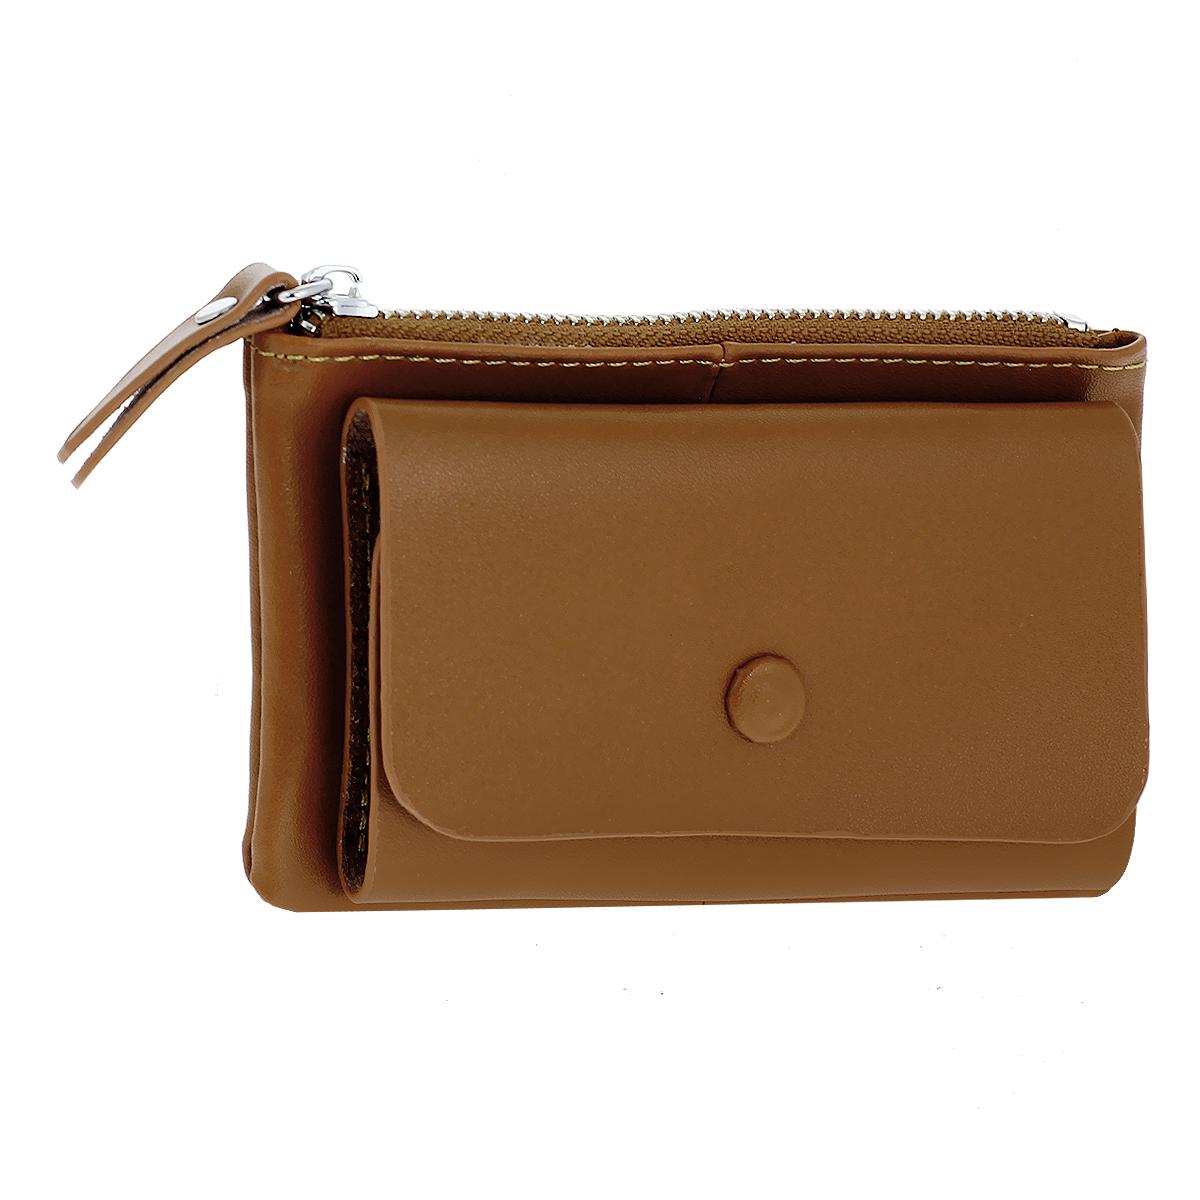 Ключница Fancys Bag, цвет: коричневый. R-9094-09R-9094-09Ключница Fancys Bag - стильная вещь для хранения ключей и мелких вещей, к которым необходим быстрый доступ. Ключница выполнена из натуральной кожи высокого качества и закрывается на кнопку. Внутри расположены шесть металлических карабинов для ключей. Также ключница содержит отделение для мелочей, закрывающееся на застежку-молнию. Внутри него находится прорезной карман на застежке-молнии. Такая ключница станет замечательным подарком человеку, ценящему качественные и практичные вещи.